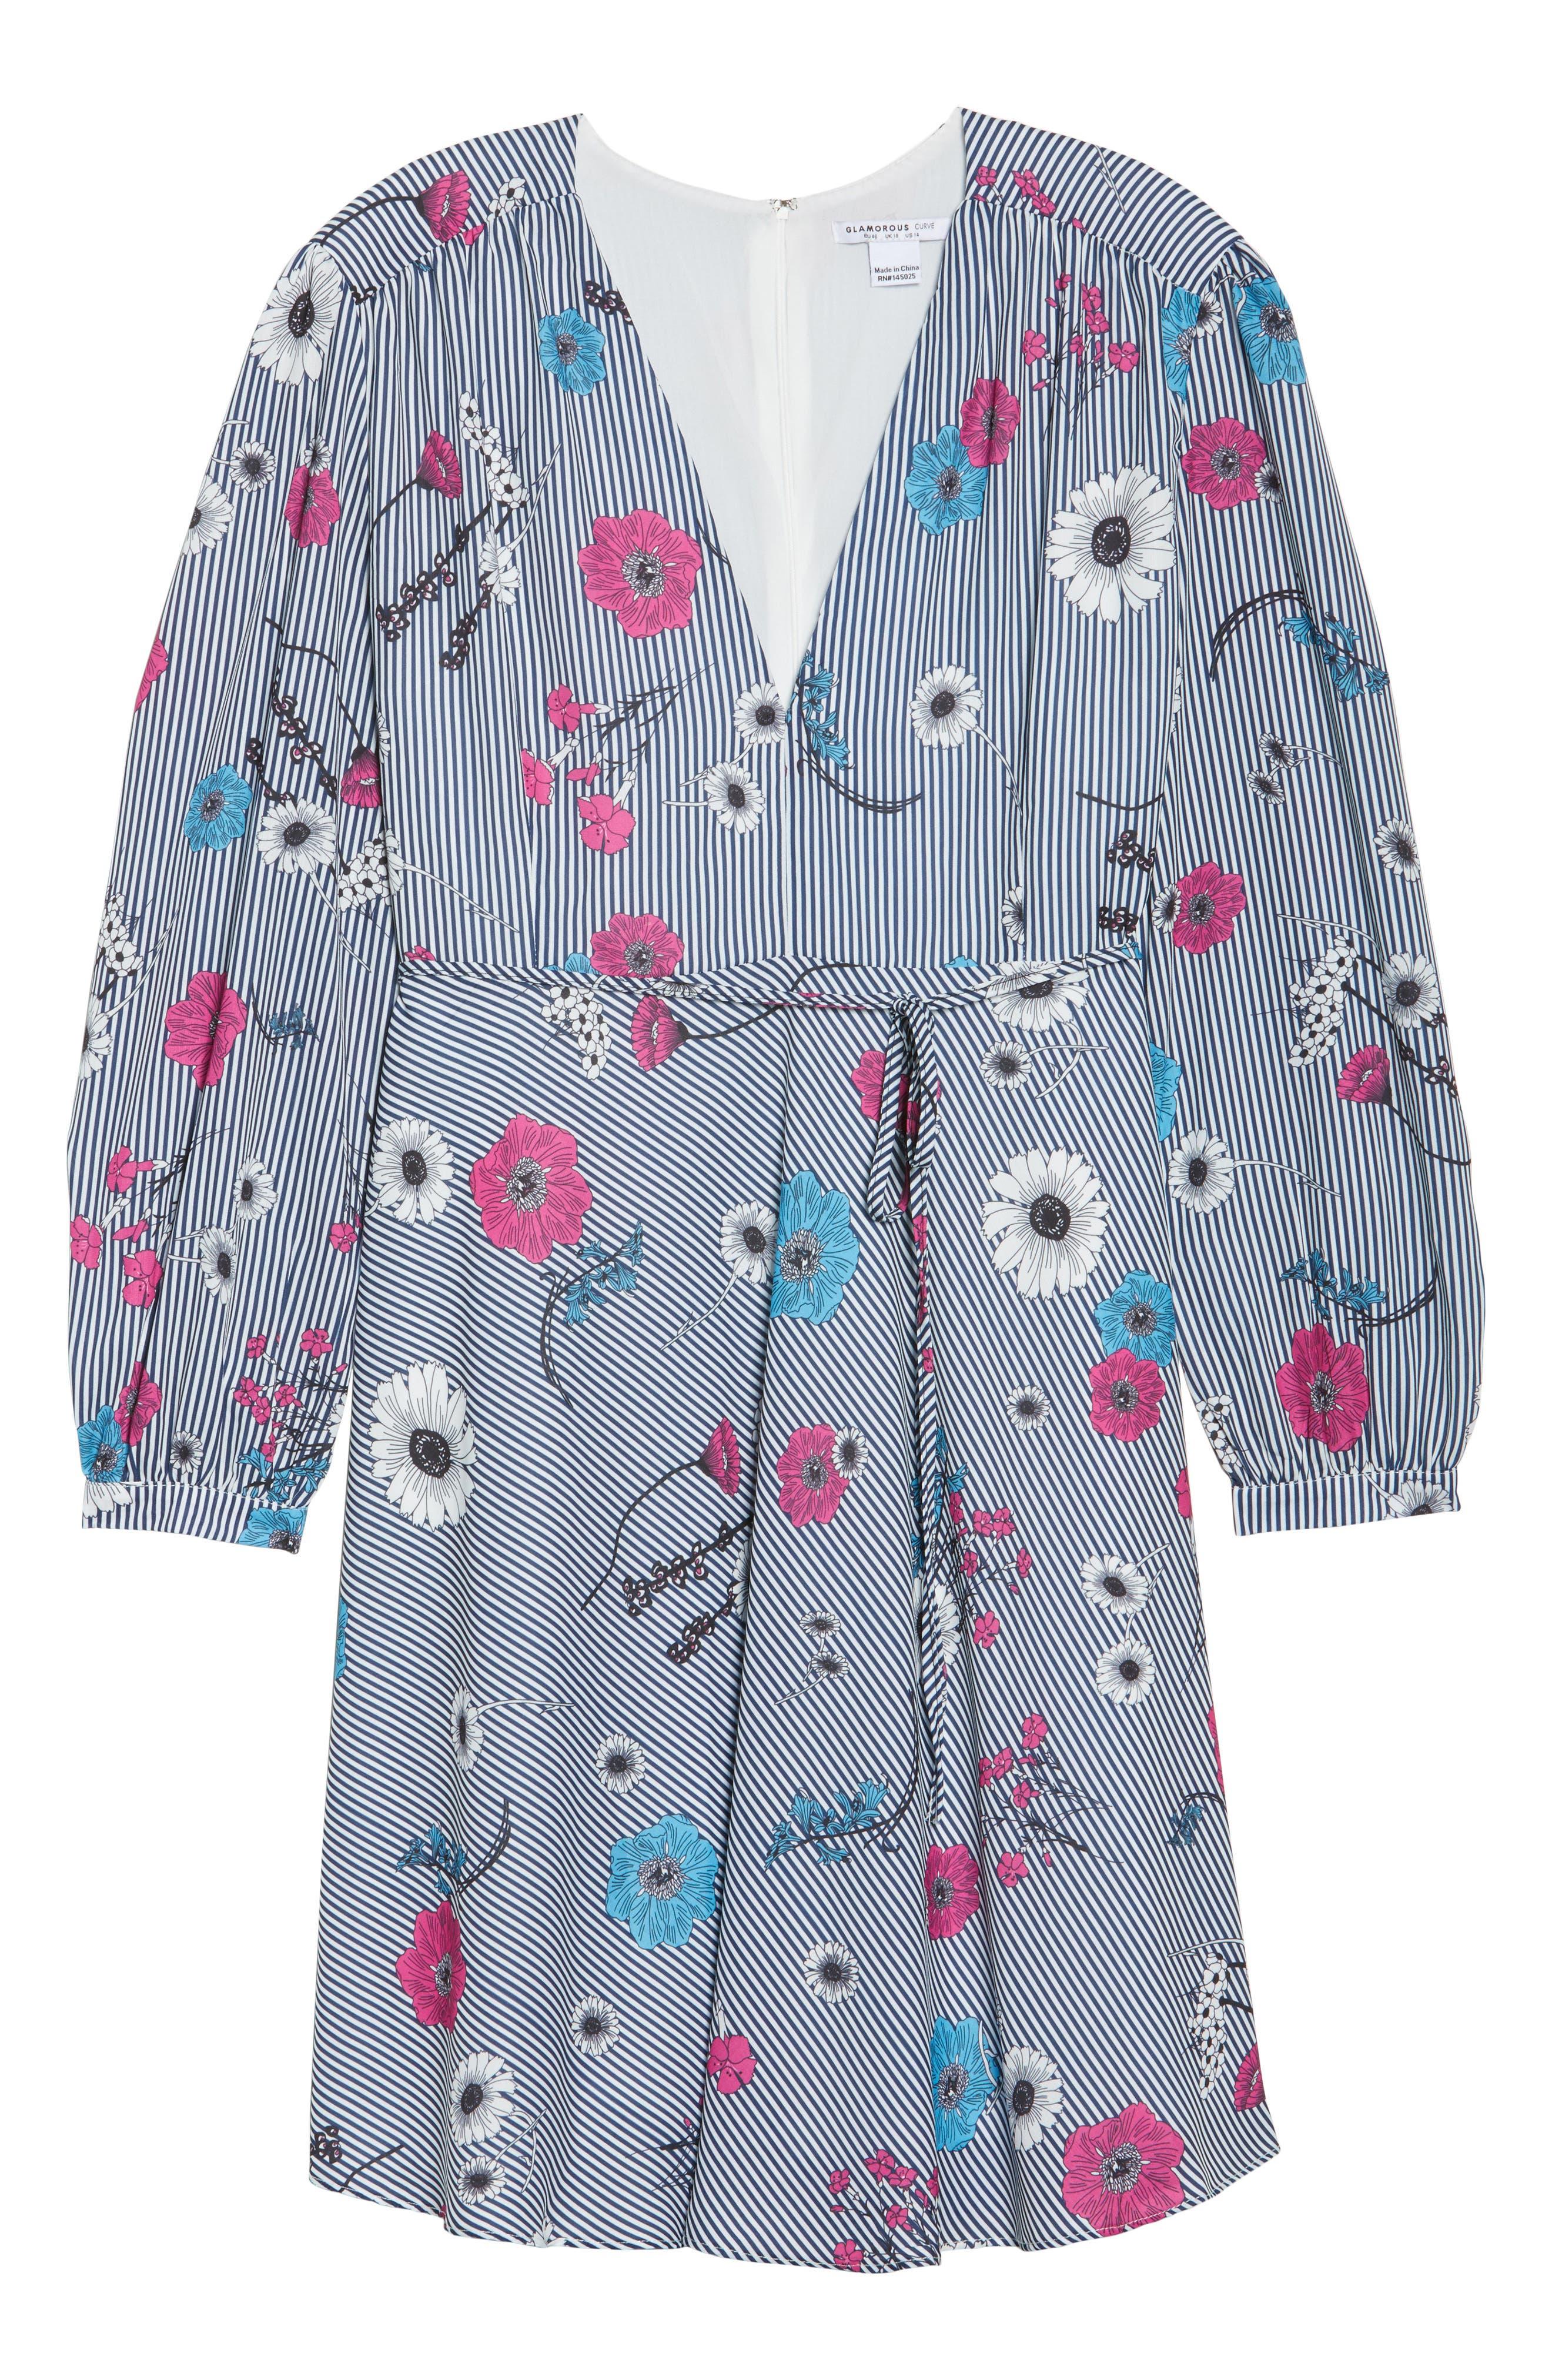 Floral Stripe Belted Dress,                             Alternate thumbnail 6, color,                             Blue Stripe Floral